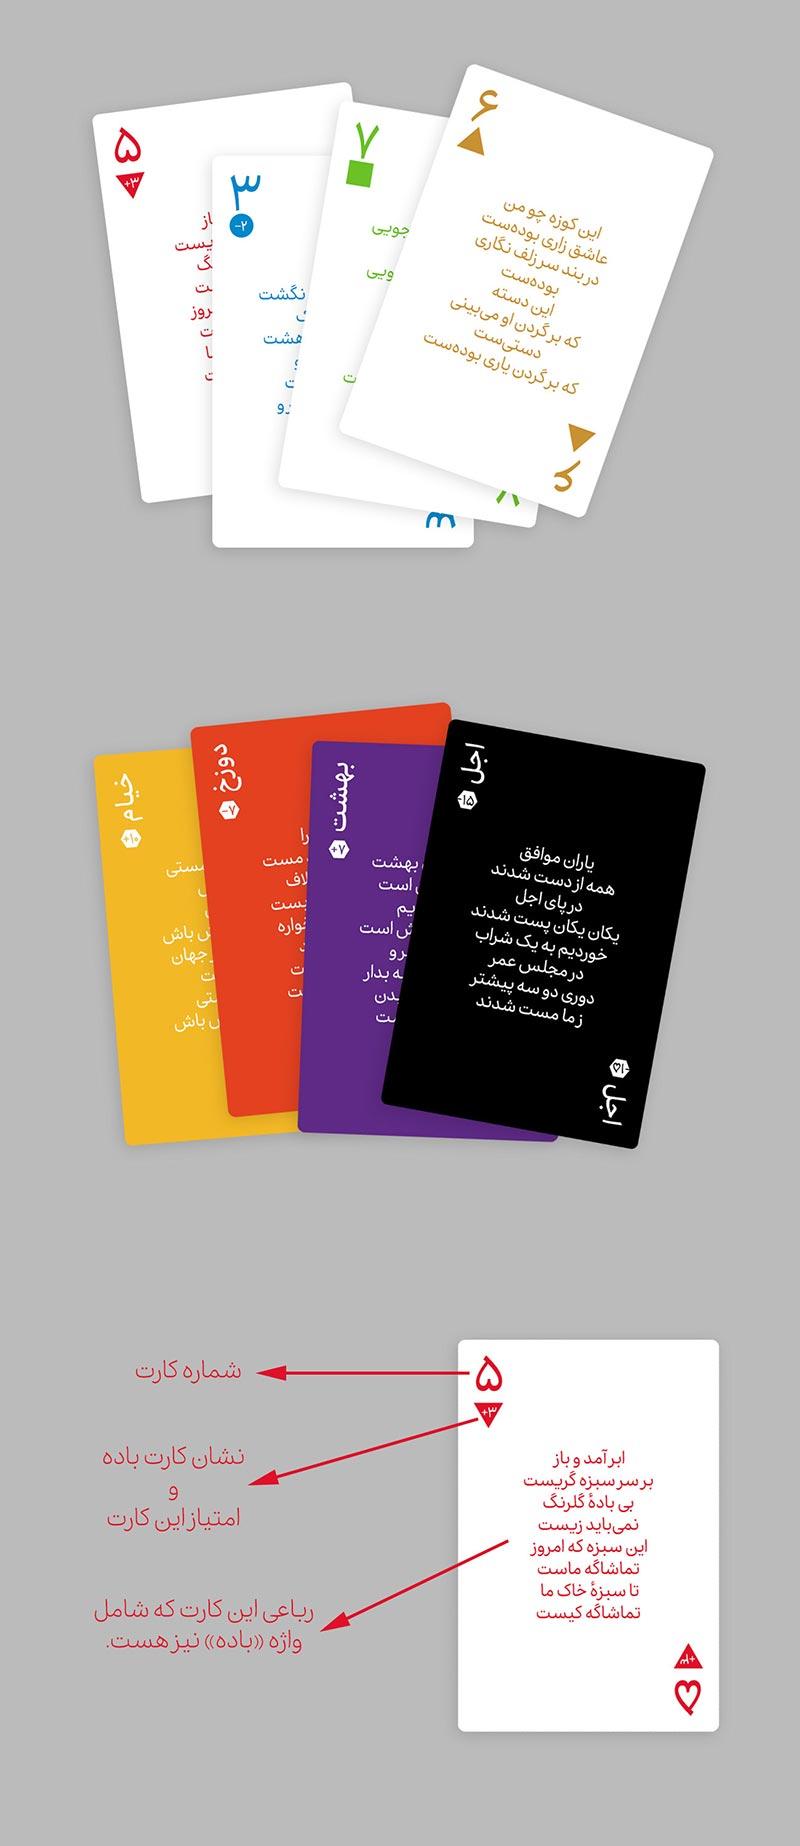 شهاب سیاوش - «سَبُکباز» - بازی کارتی ایرانی بر اساس فلسفه و رباعیات خیام